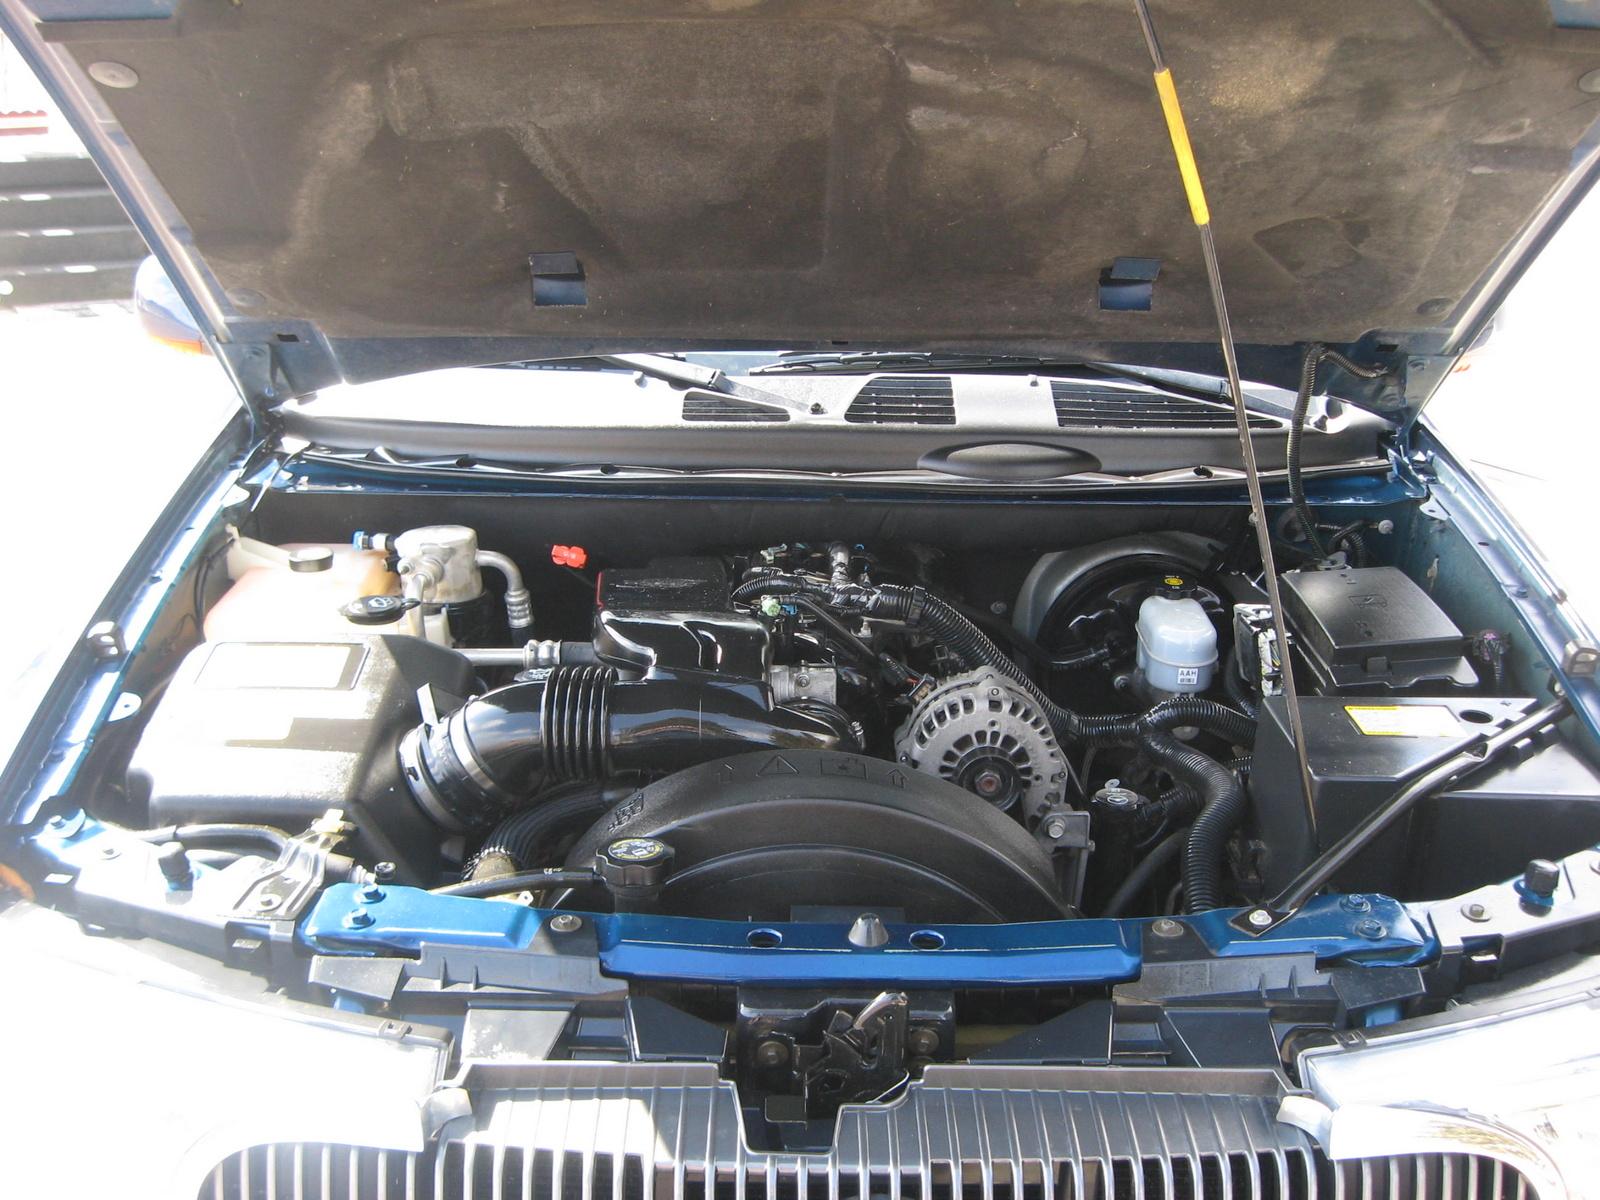 2004 Buick Rainier - Pictures - CarGurus